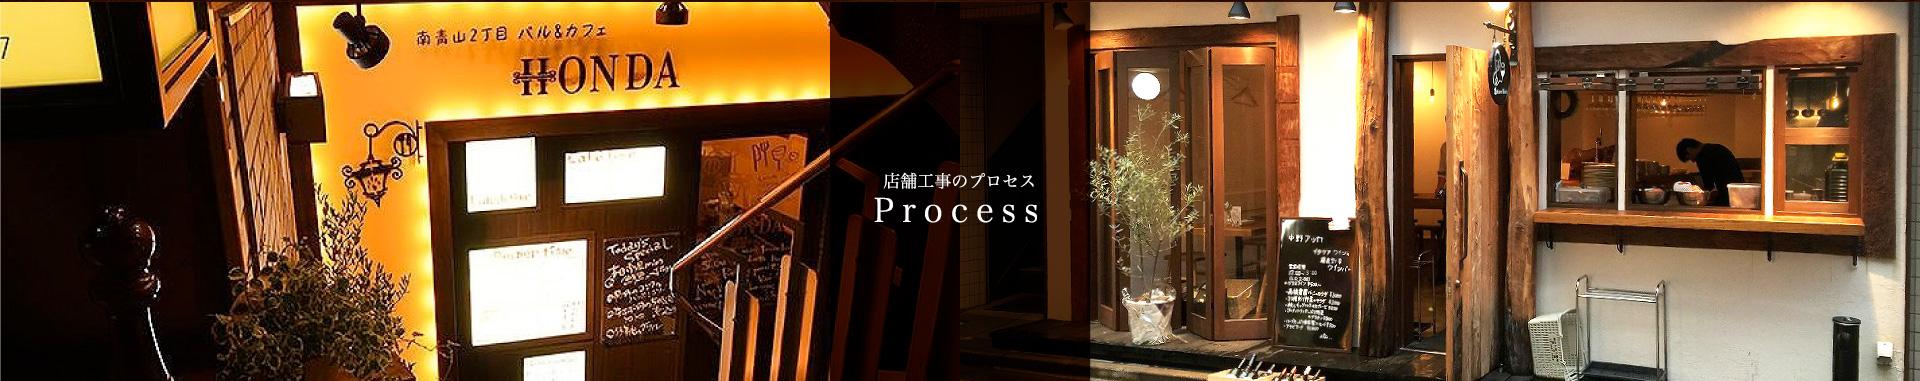 プロセス|東京神奈川の飲食店設計施工のHACOLABO(ハコラボ)(商業空間デザイン・舞台美術造形・ロゴイラストデザイン等)